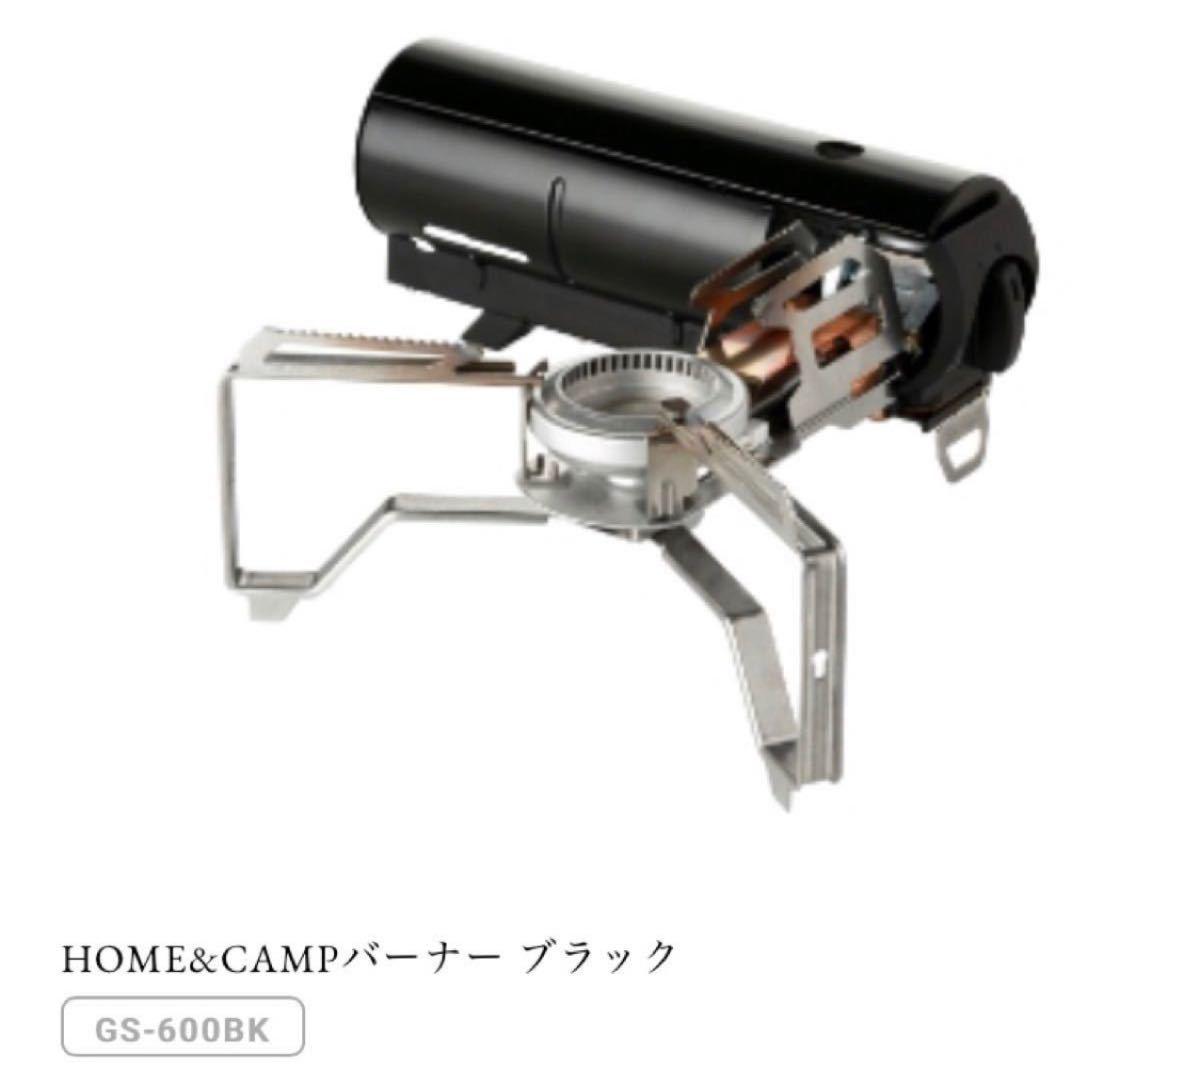 新品 Snow Peak スノーピーク HOME&CAMP バーナー ブラック GS-600BK キャンプ用品